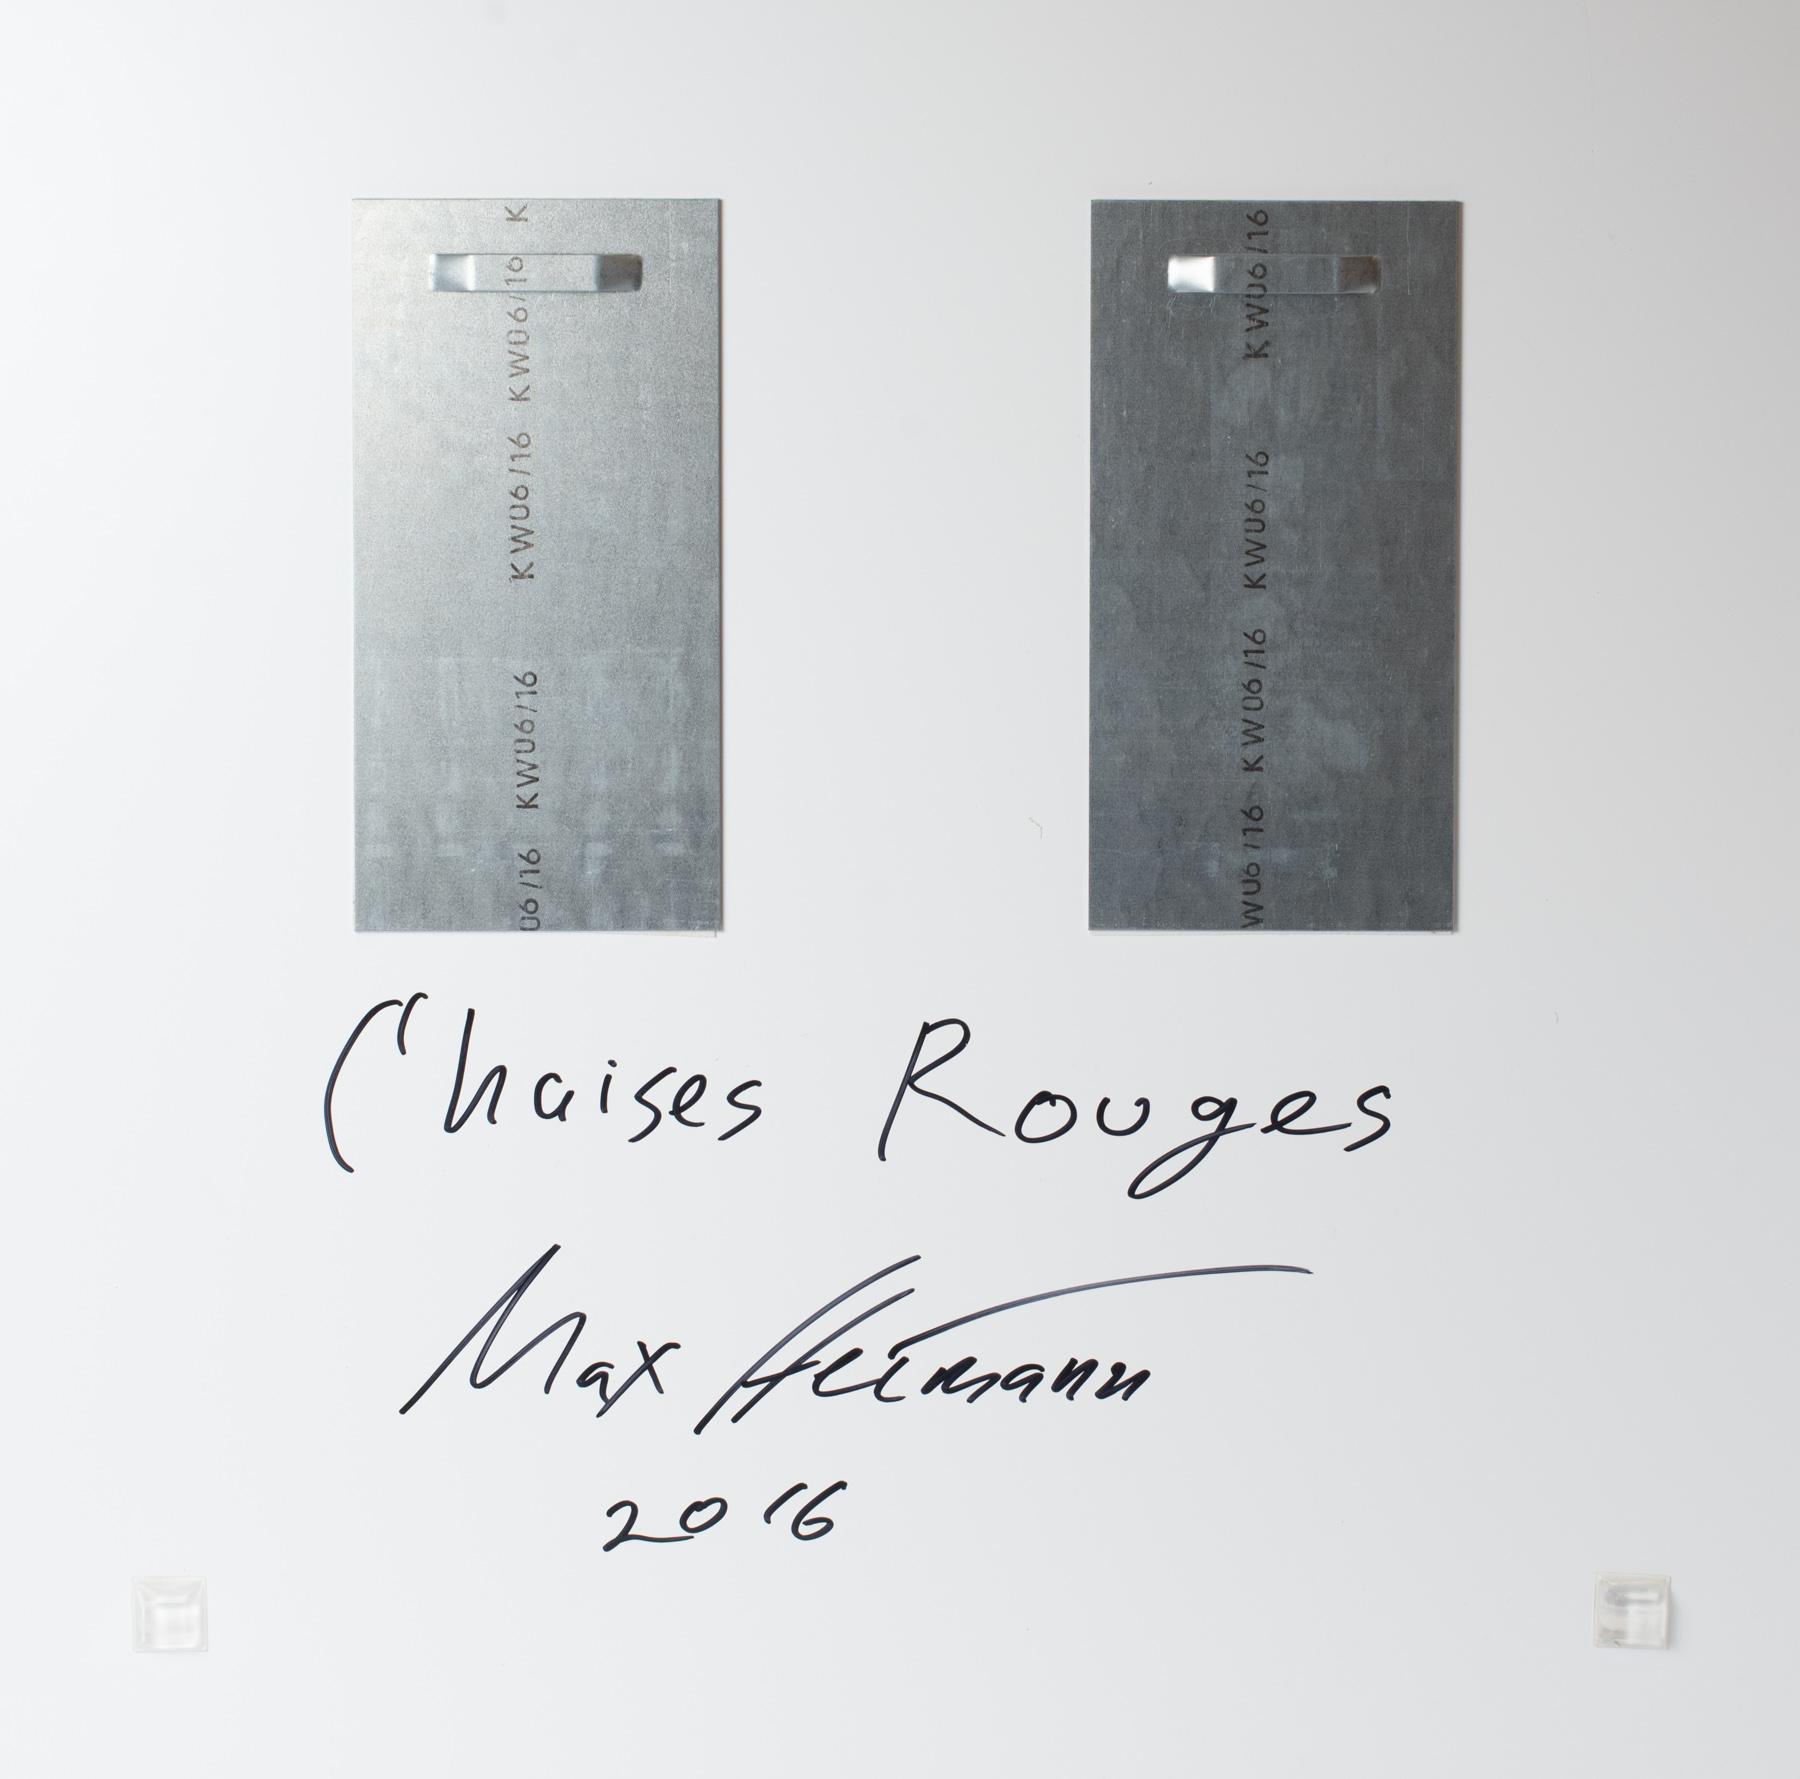 Signiertes Werk Rückseite. Geklebte Aluhängungen verleihen eine sichere Aufhängung. Zwei Eckgummis lassen das Bild perfekt von der Wand abstehen.